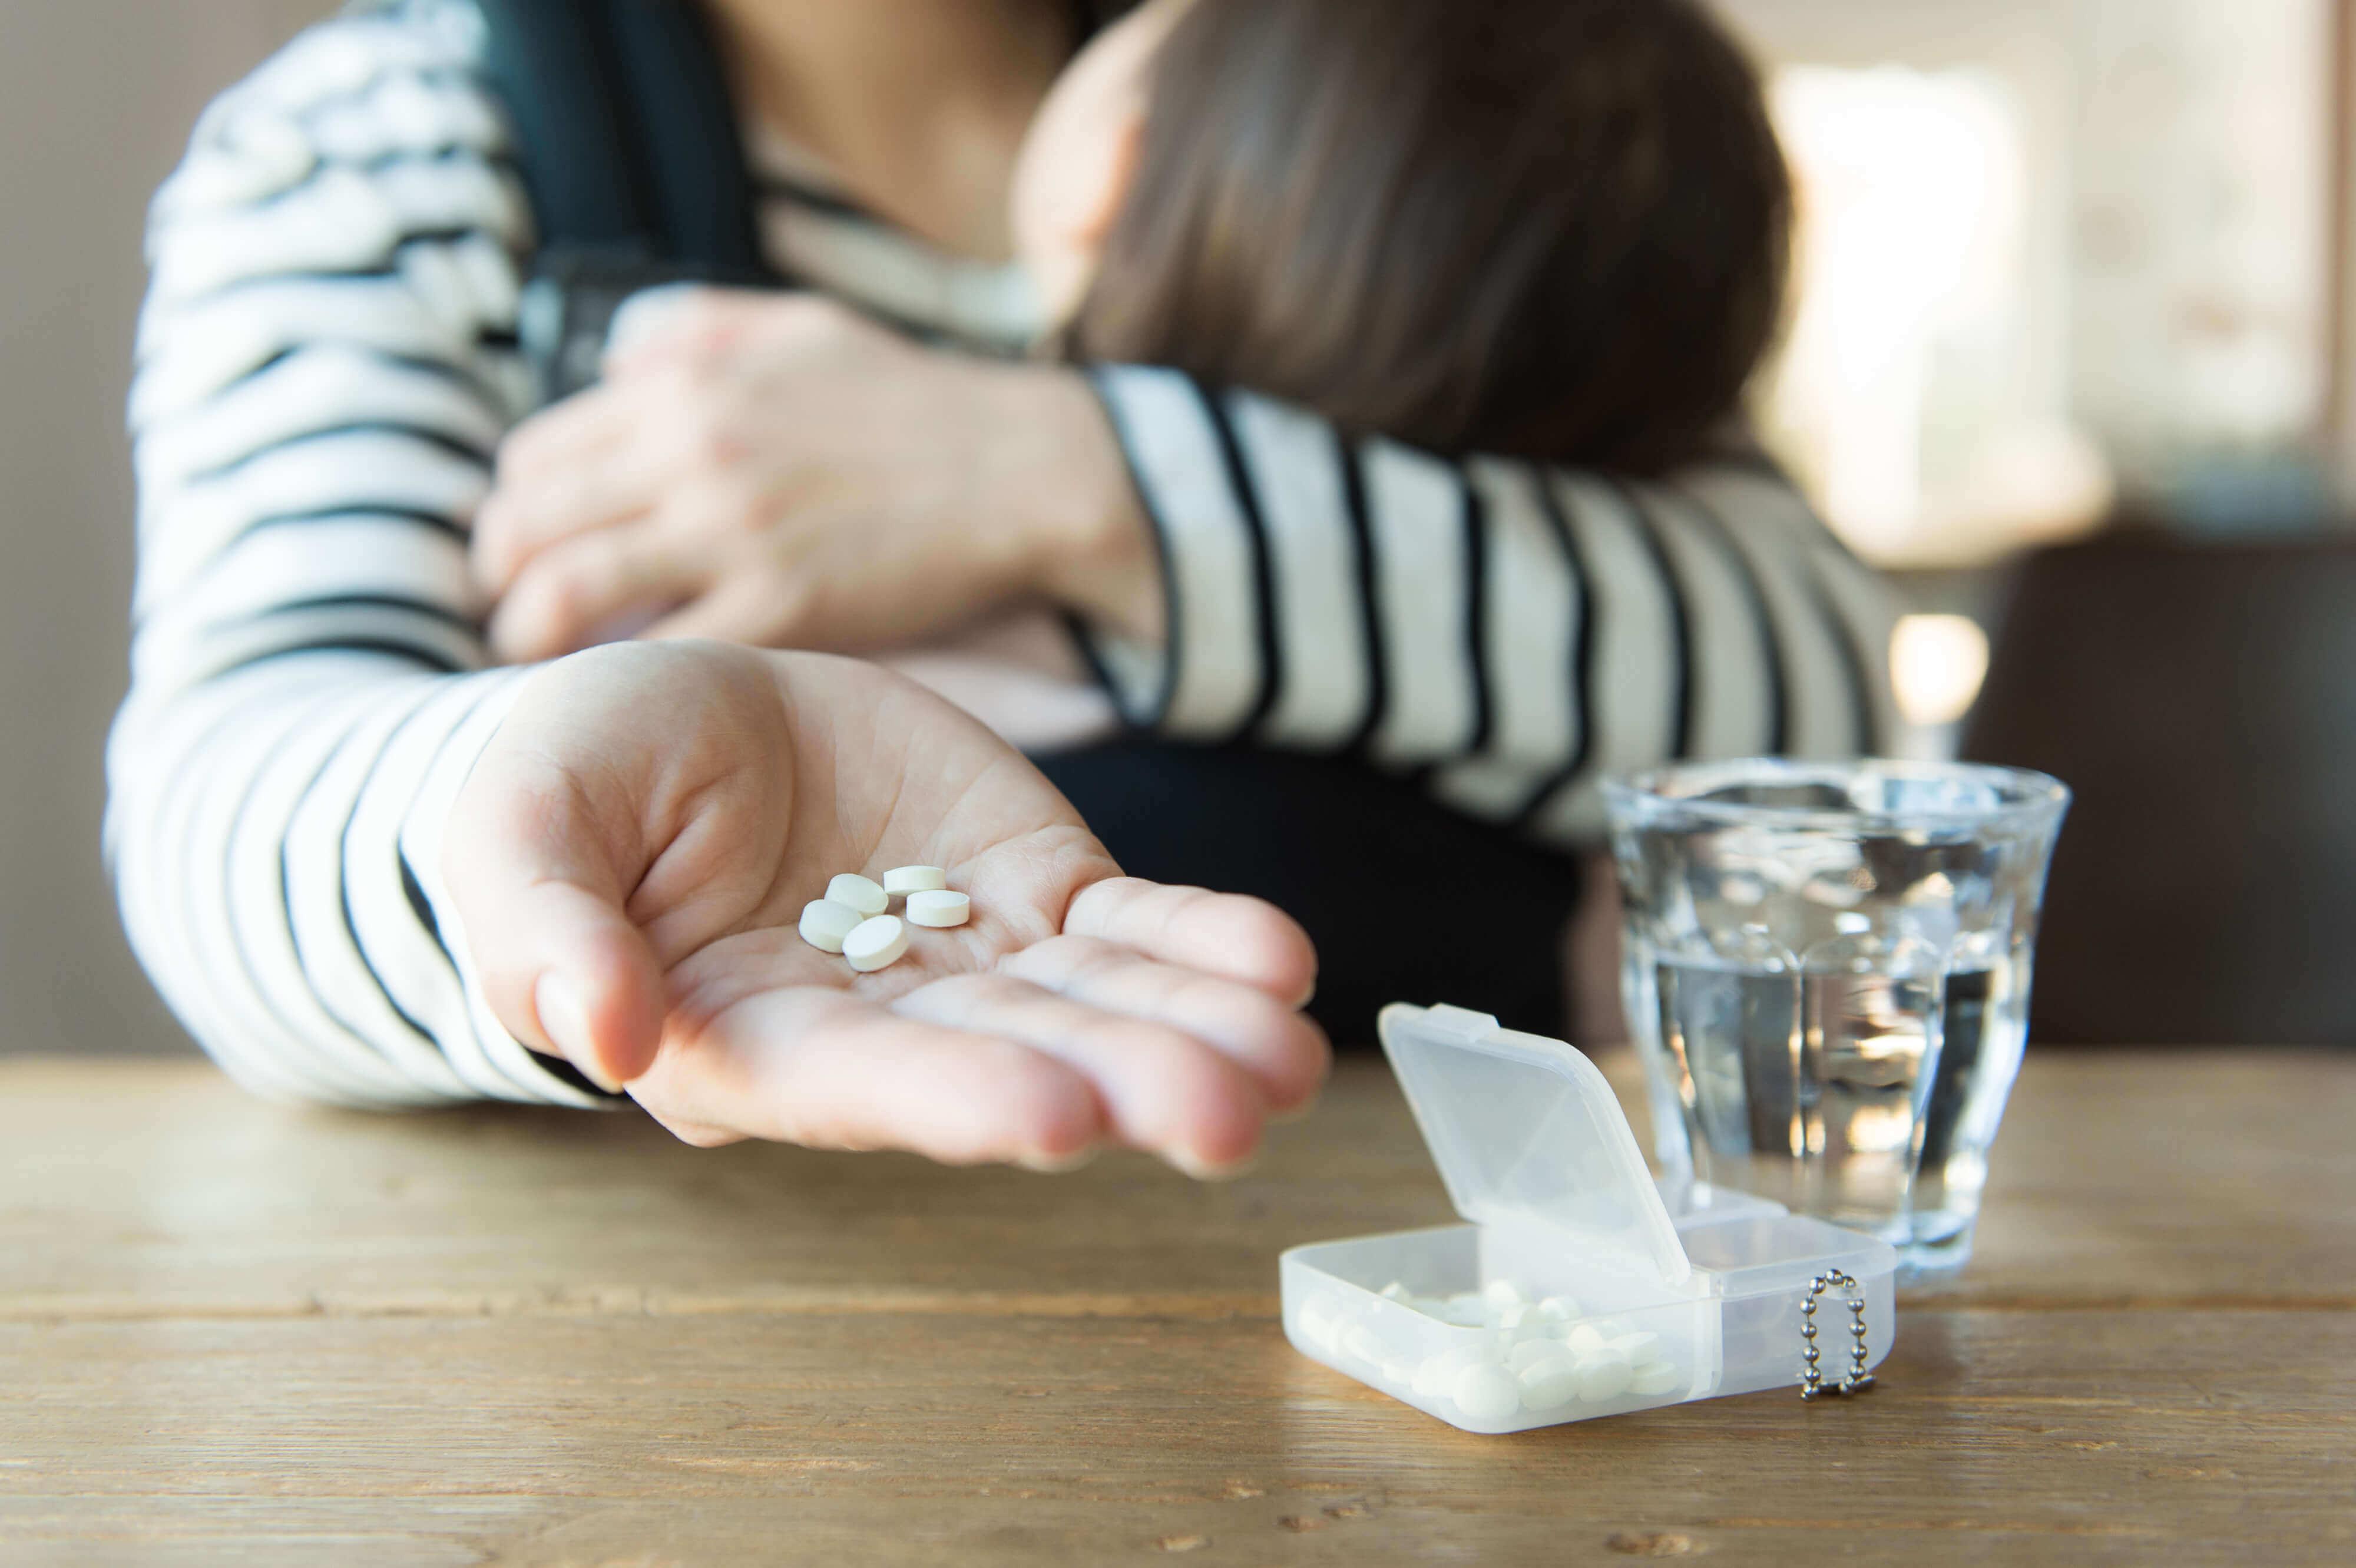 『ハーブティーとお薬、または別々のハーブティーを一緒に飲んでも大丈夫でしょうか?様々な商品を購入しています』